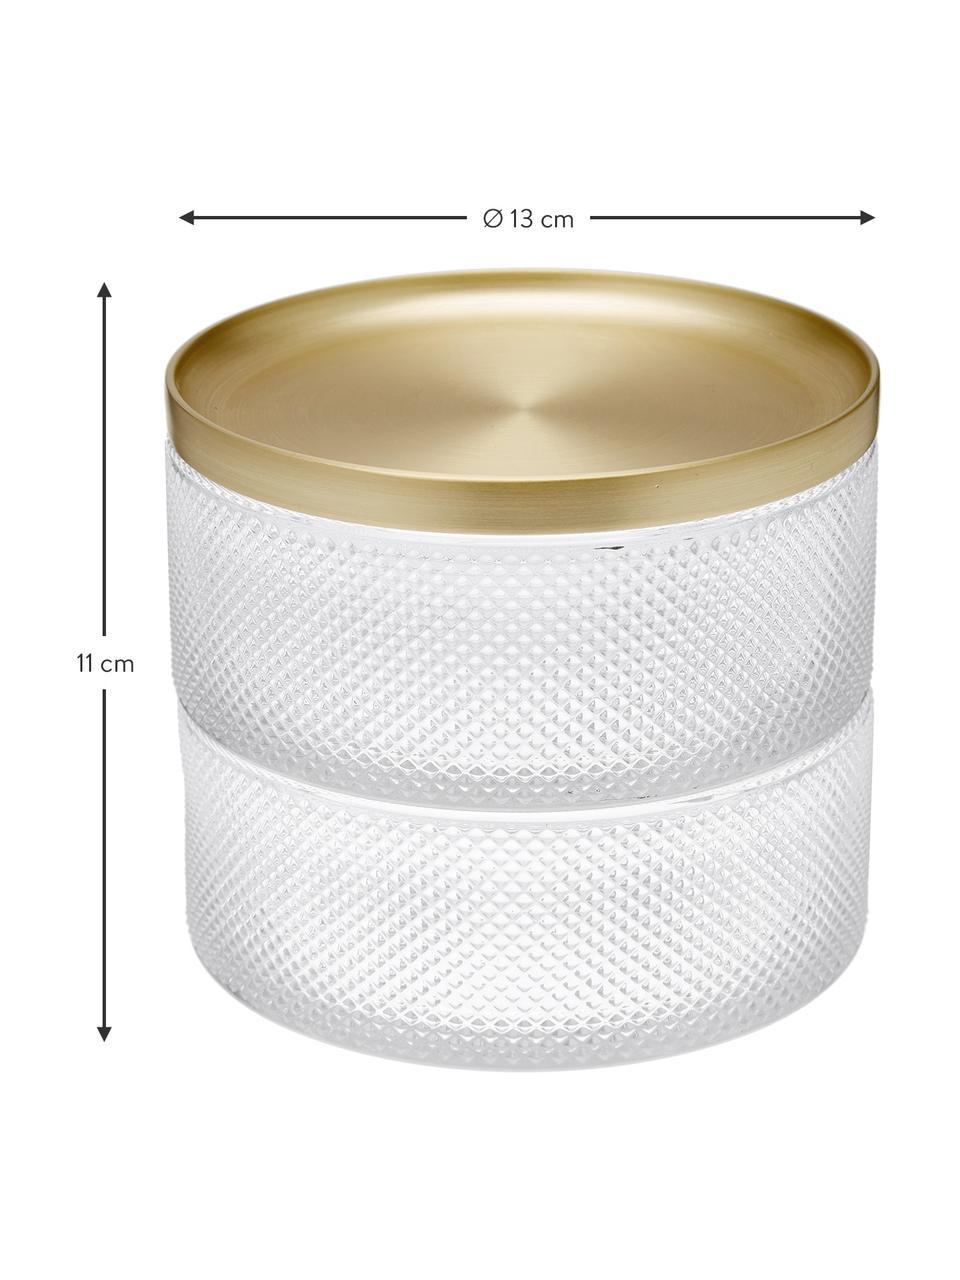 Boîte à bijoux Tesora, Couleur dorée, transparent